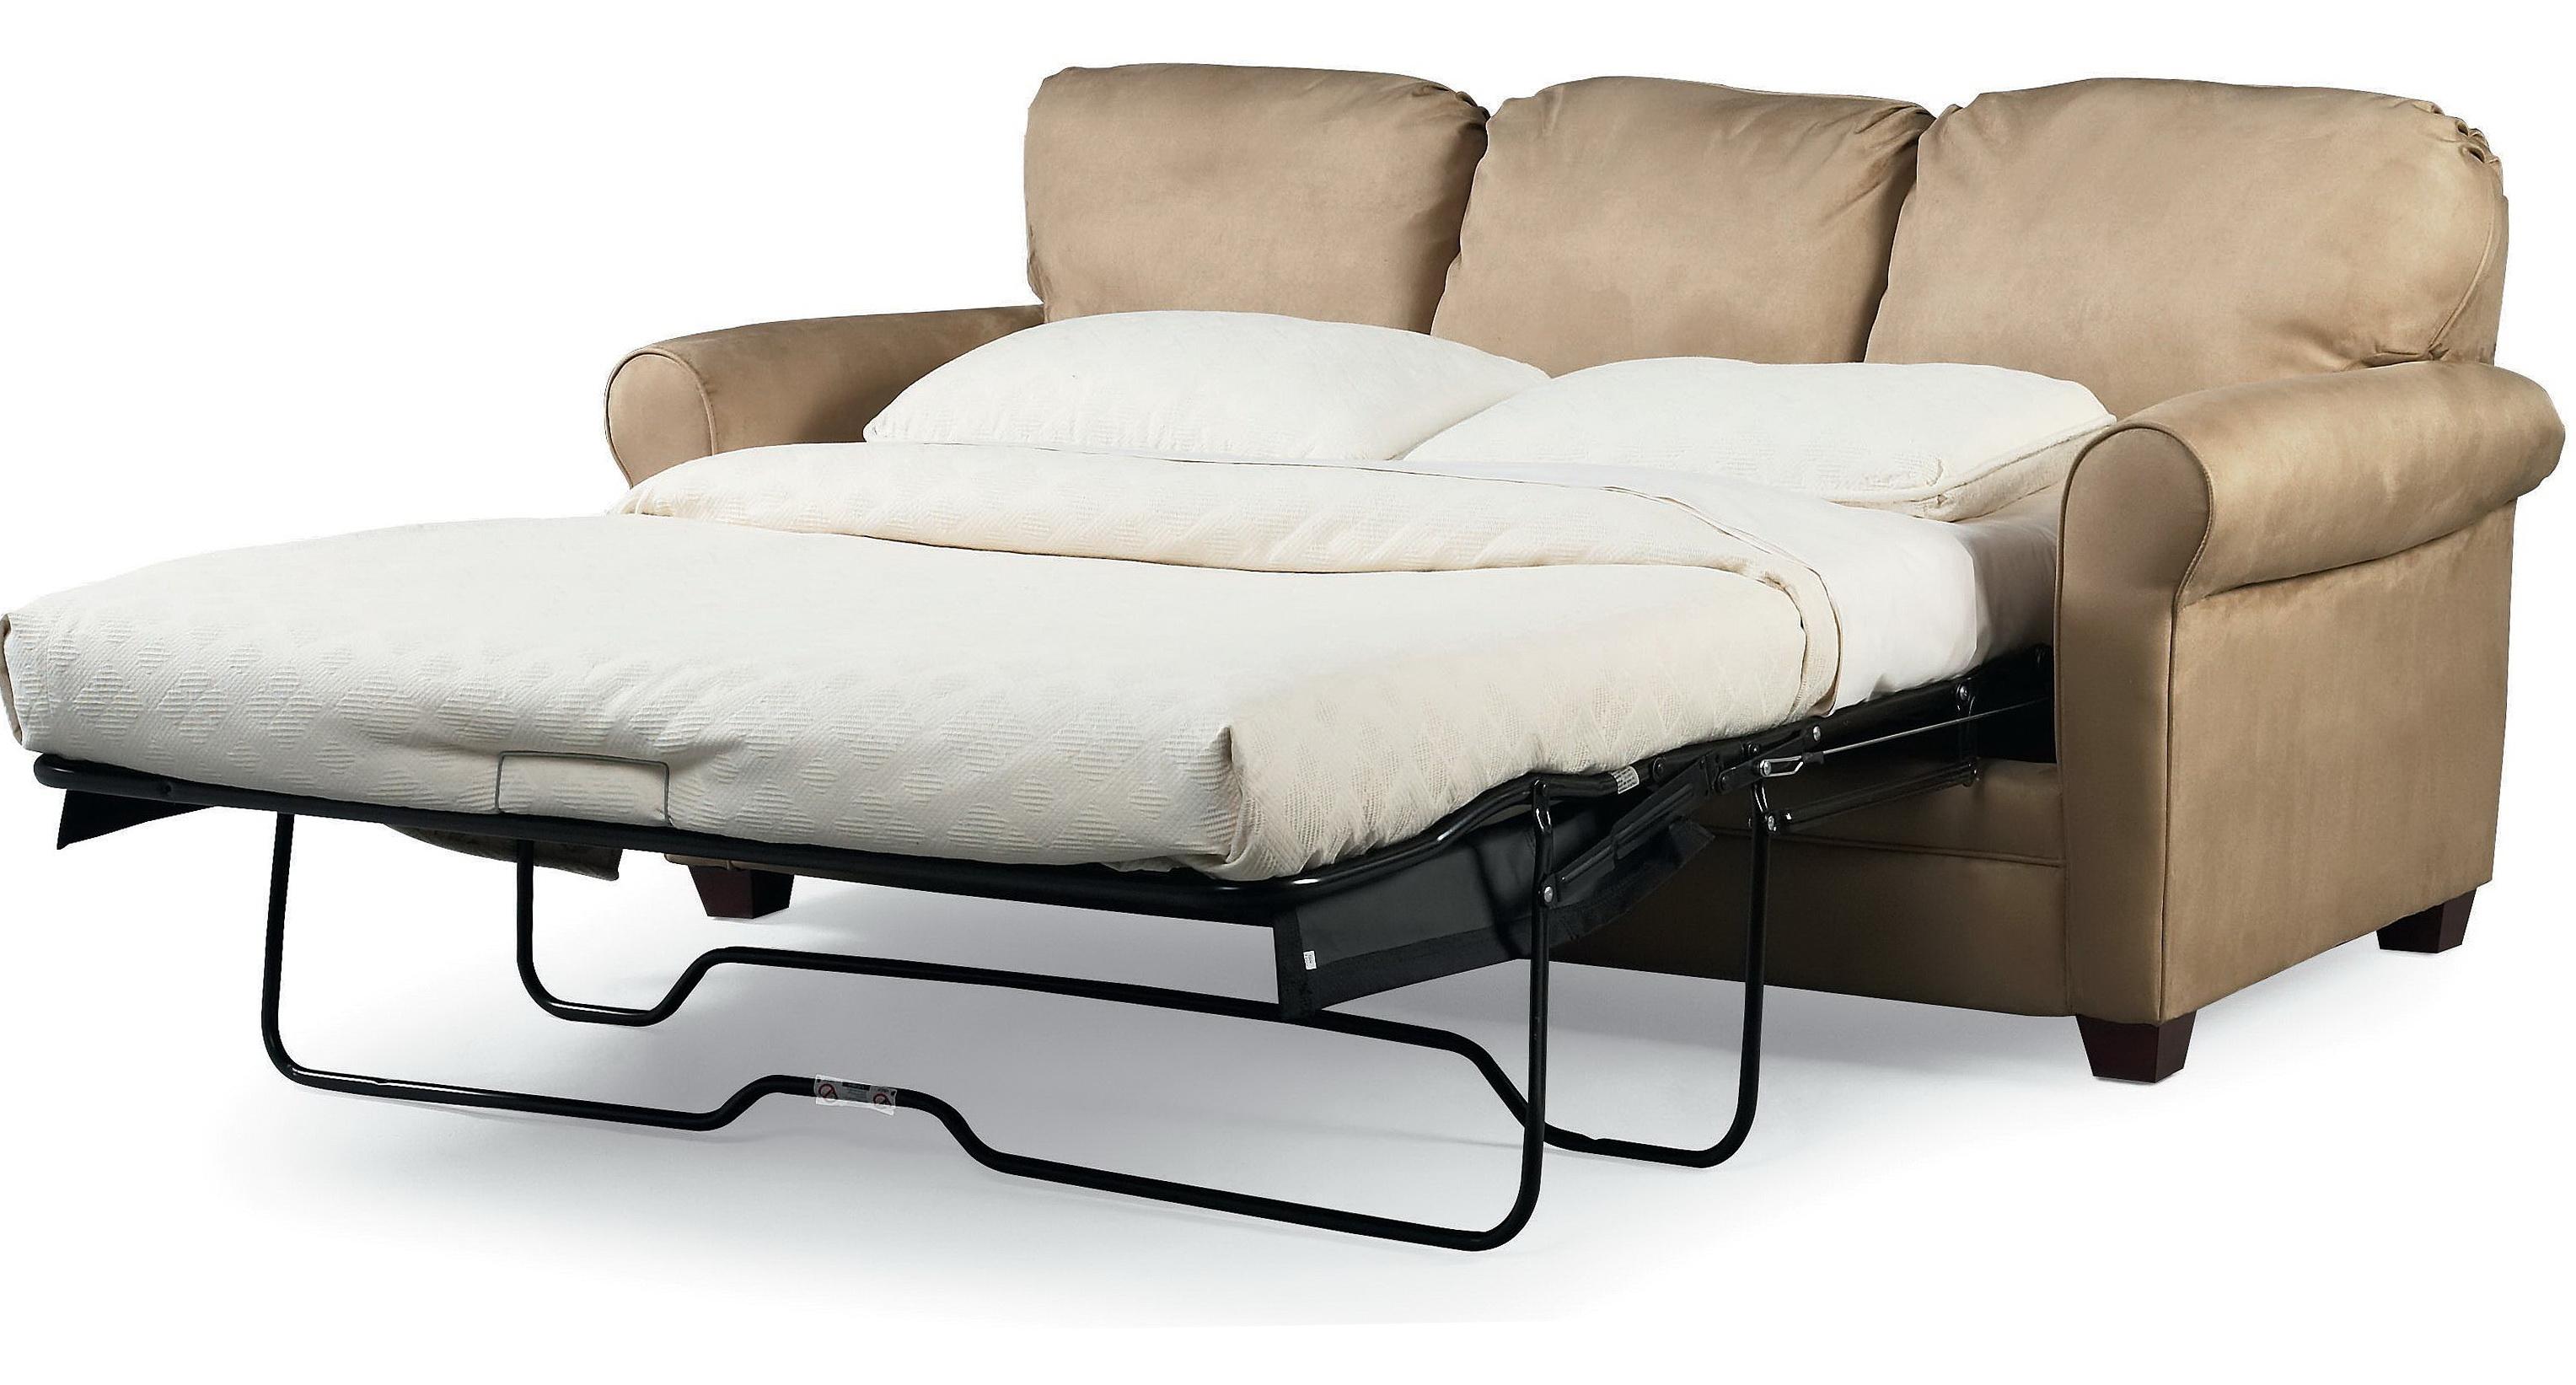 Sleeper Sofa Mattress Protector